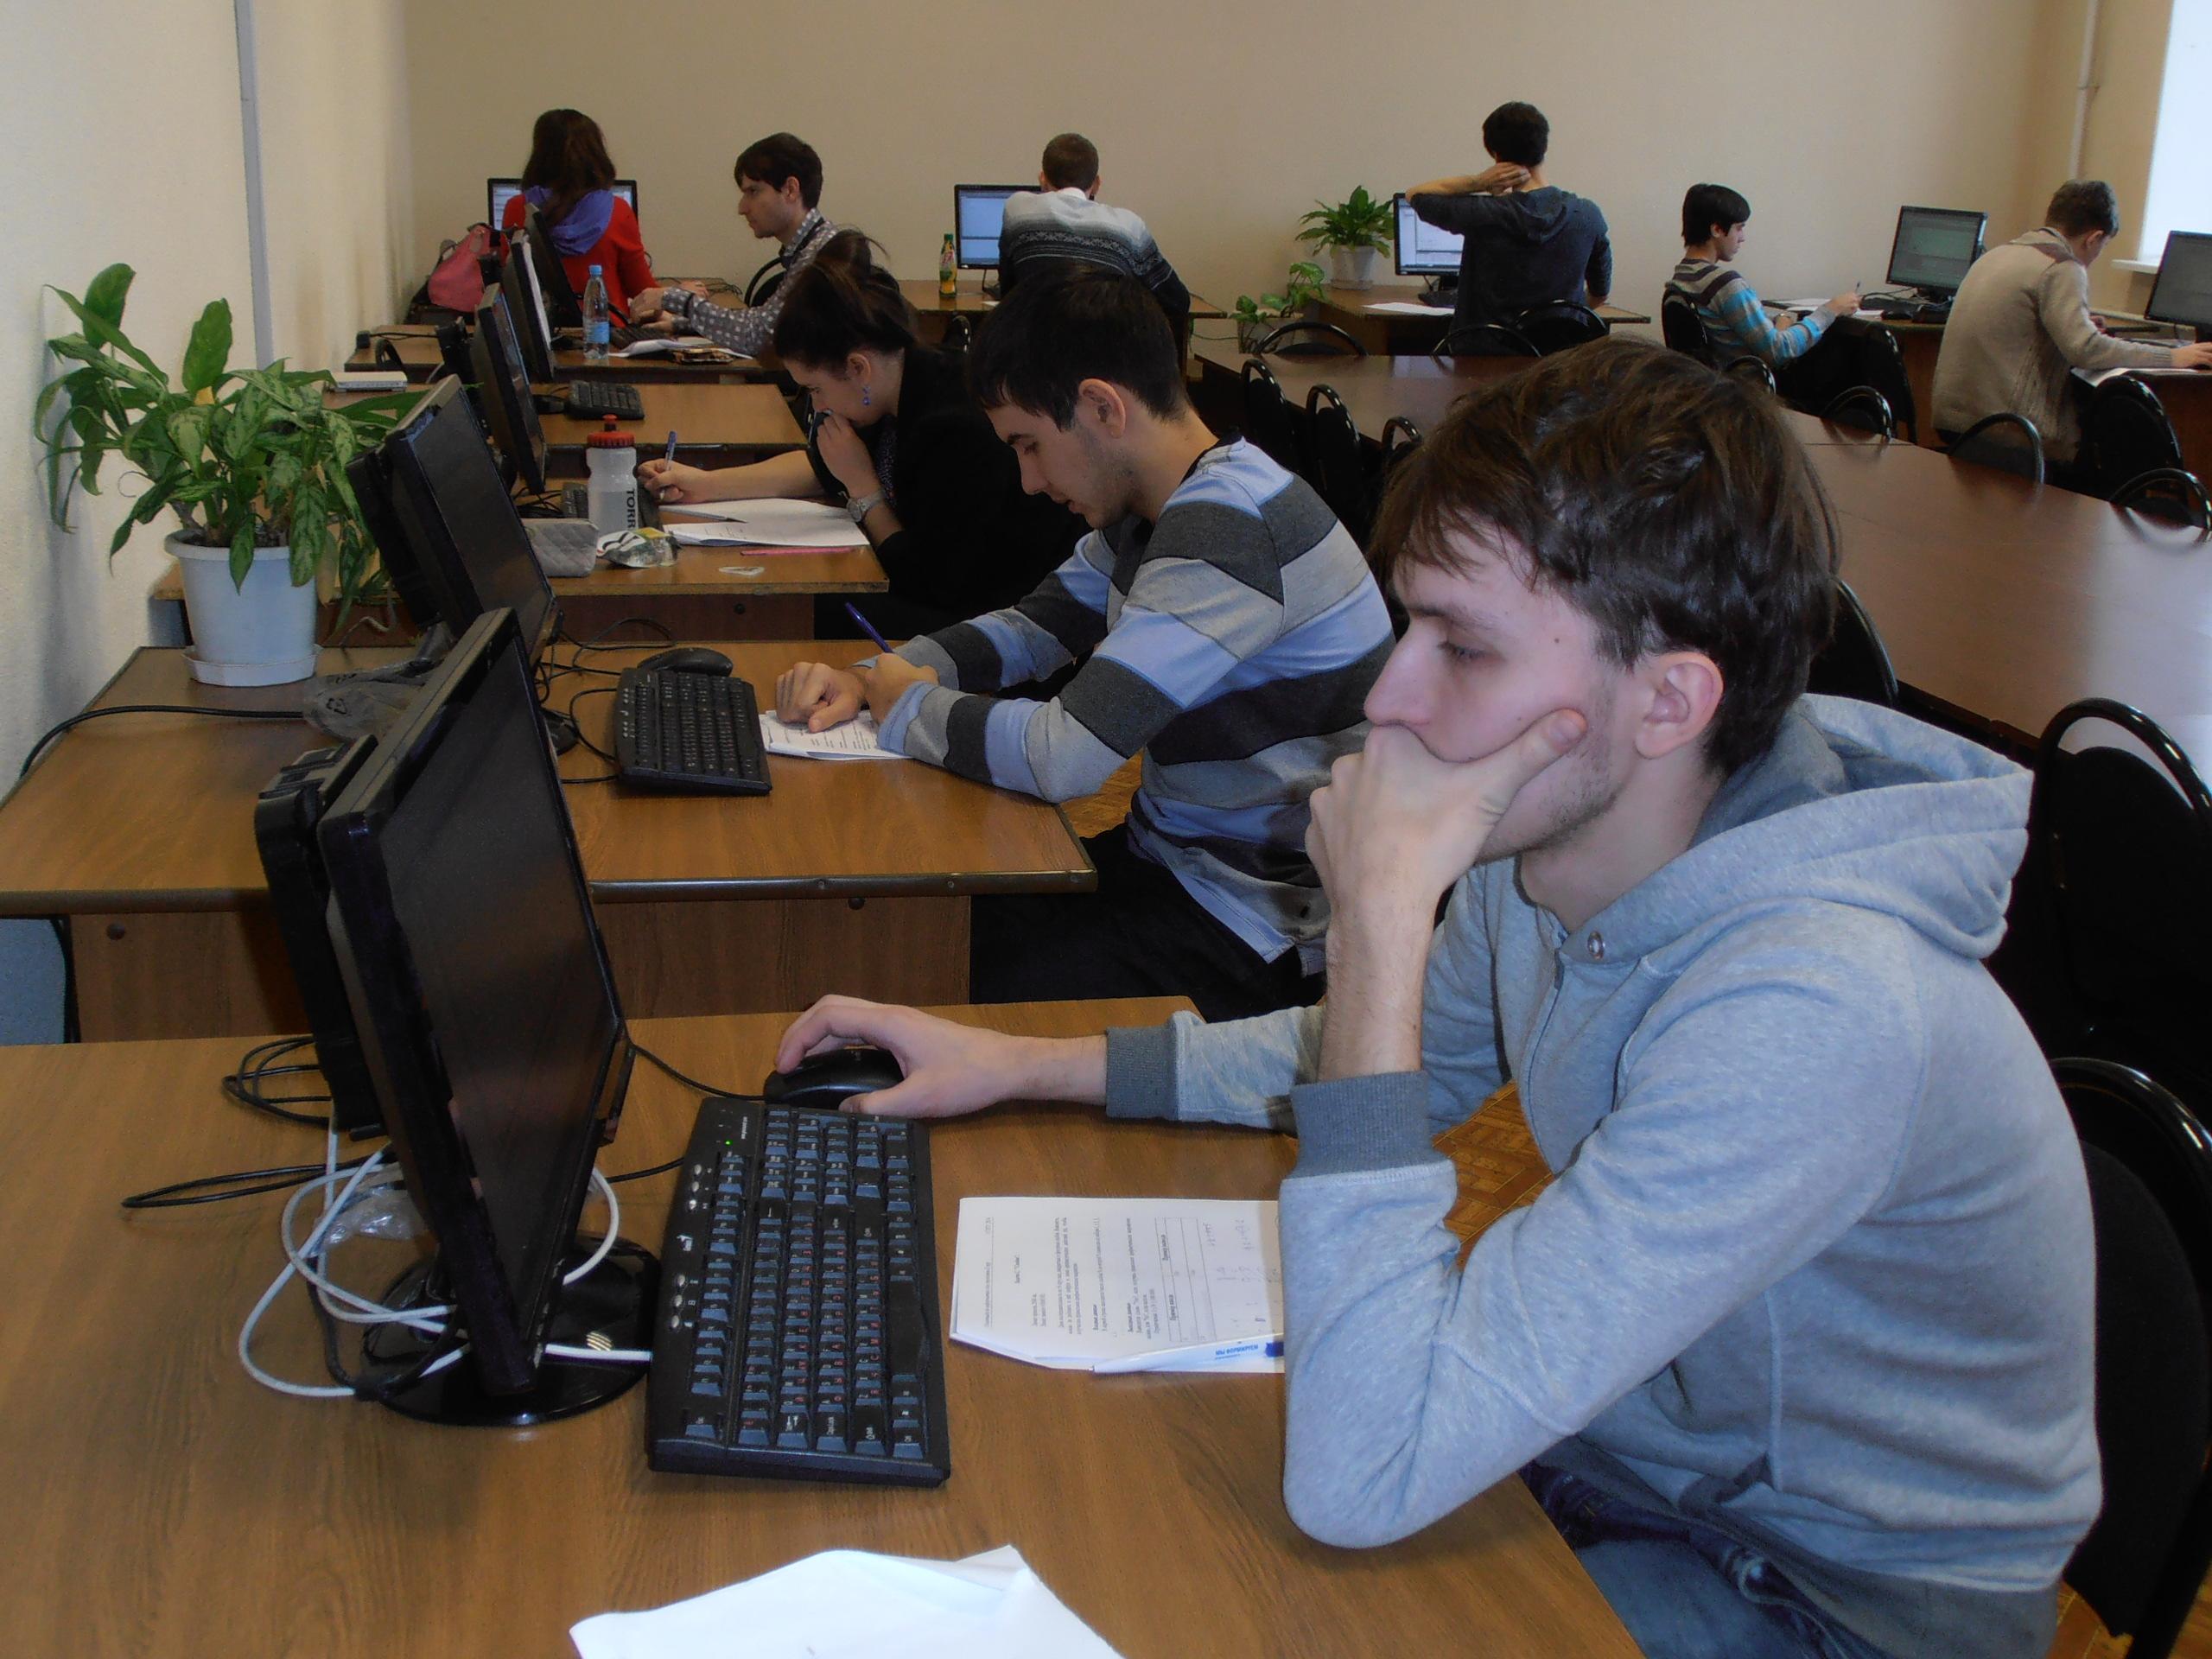 III Межвузовская олимпиада по информатике и информационным технологиям (Кафедра ВТИК ФГБОУ ВПО УГНТУ)